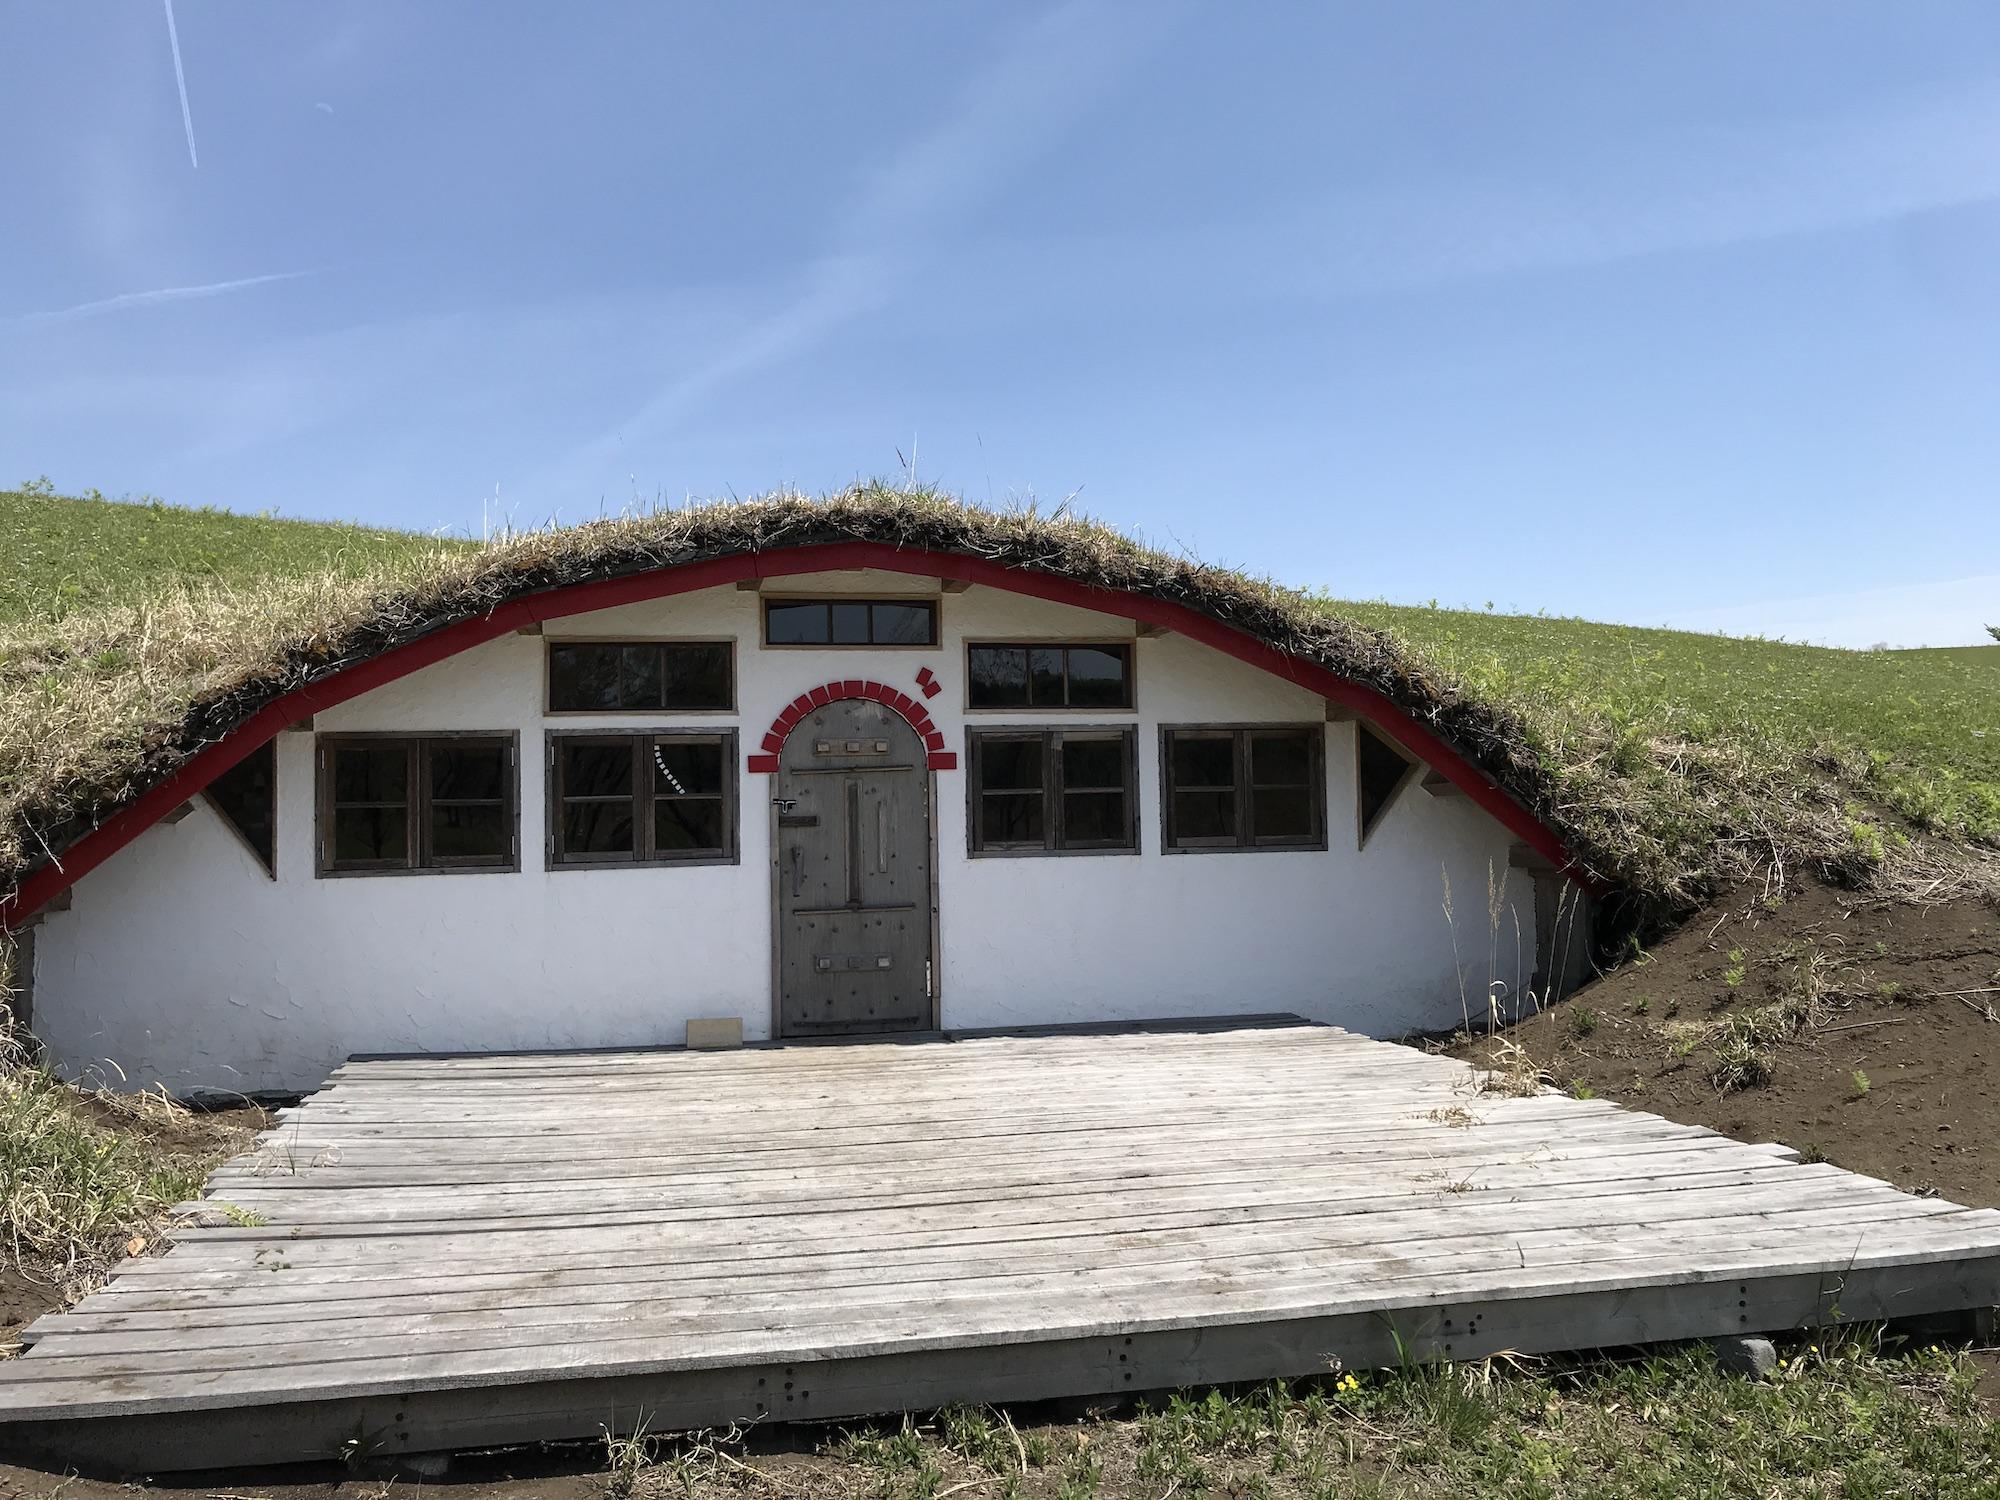 ホビットが住んでいそうな横穴式おうち。白い壁に窓が7つ。屋根は赤で縁取られている。